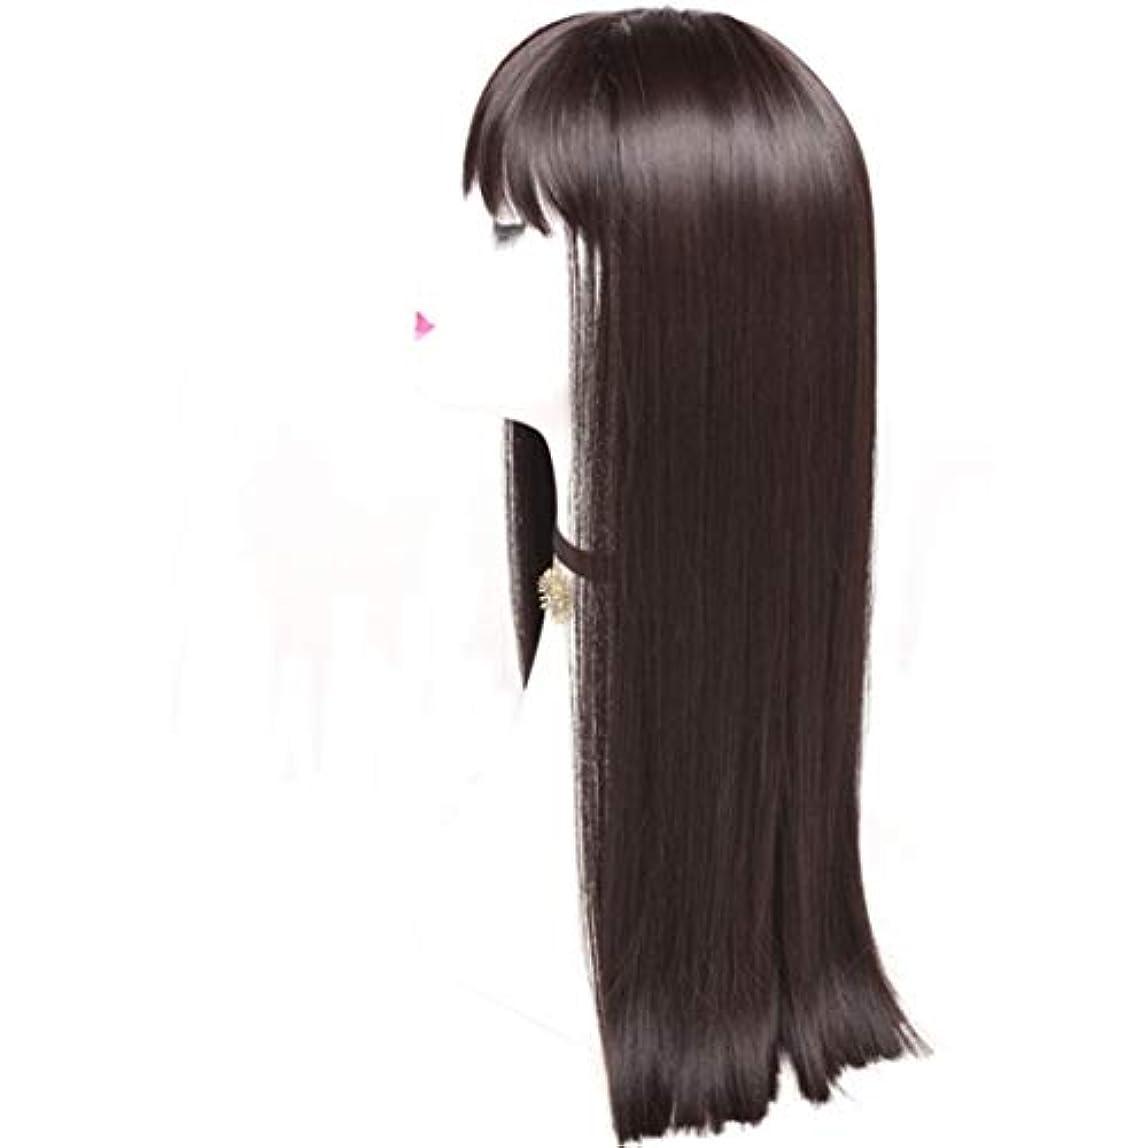 ホールドオール酸っぱい頑丈Kerwinner レディースかつら魅力的な合成かつらで長いストレートの髪をかつら